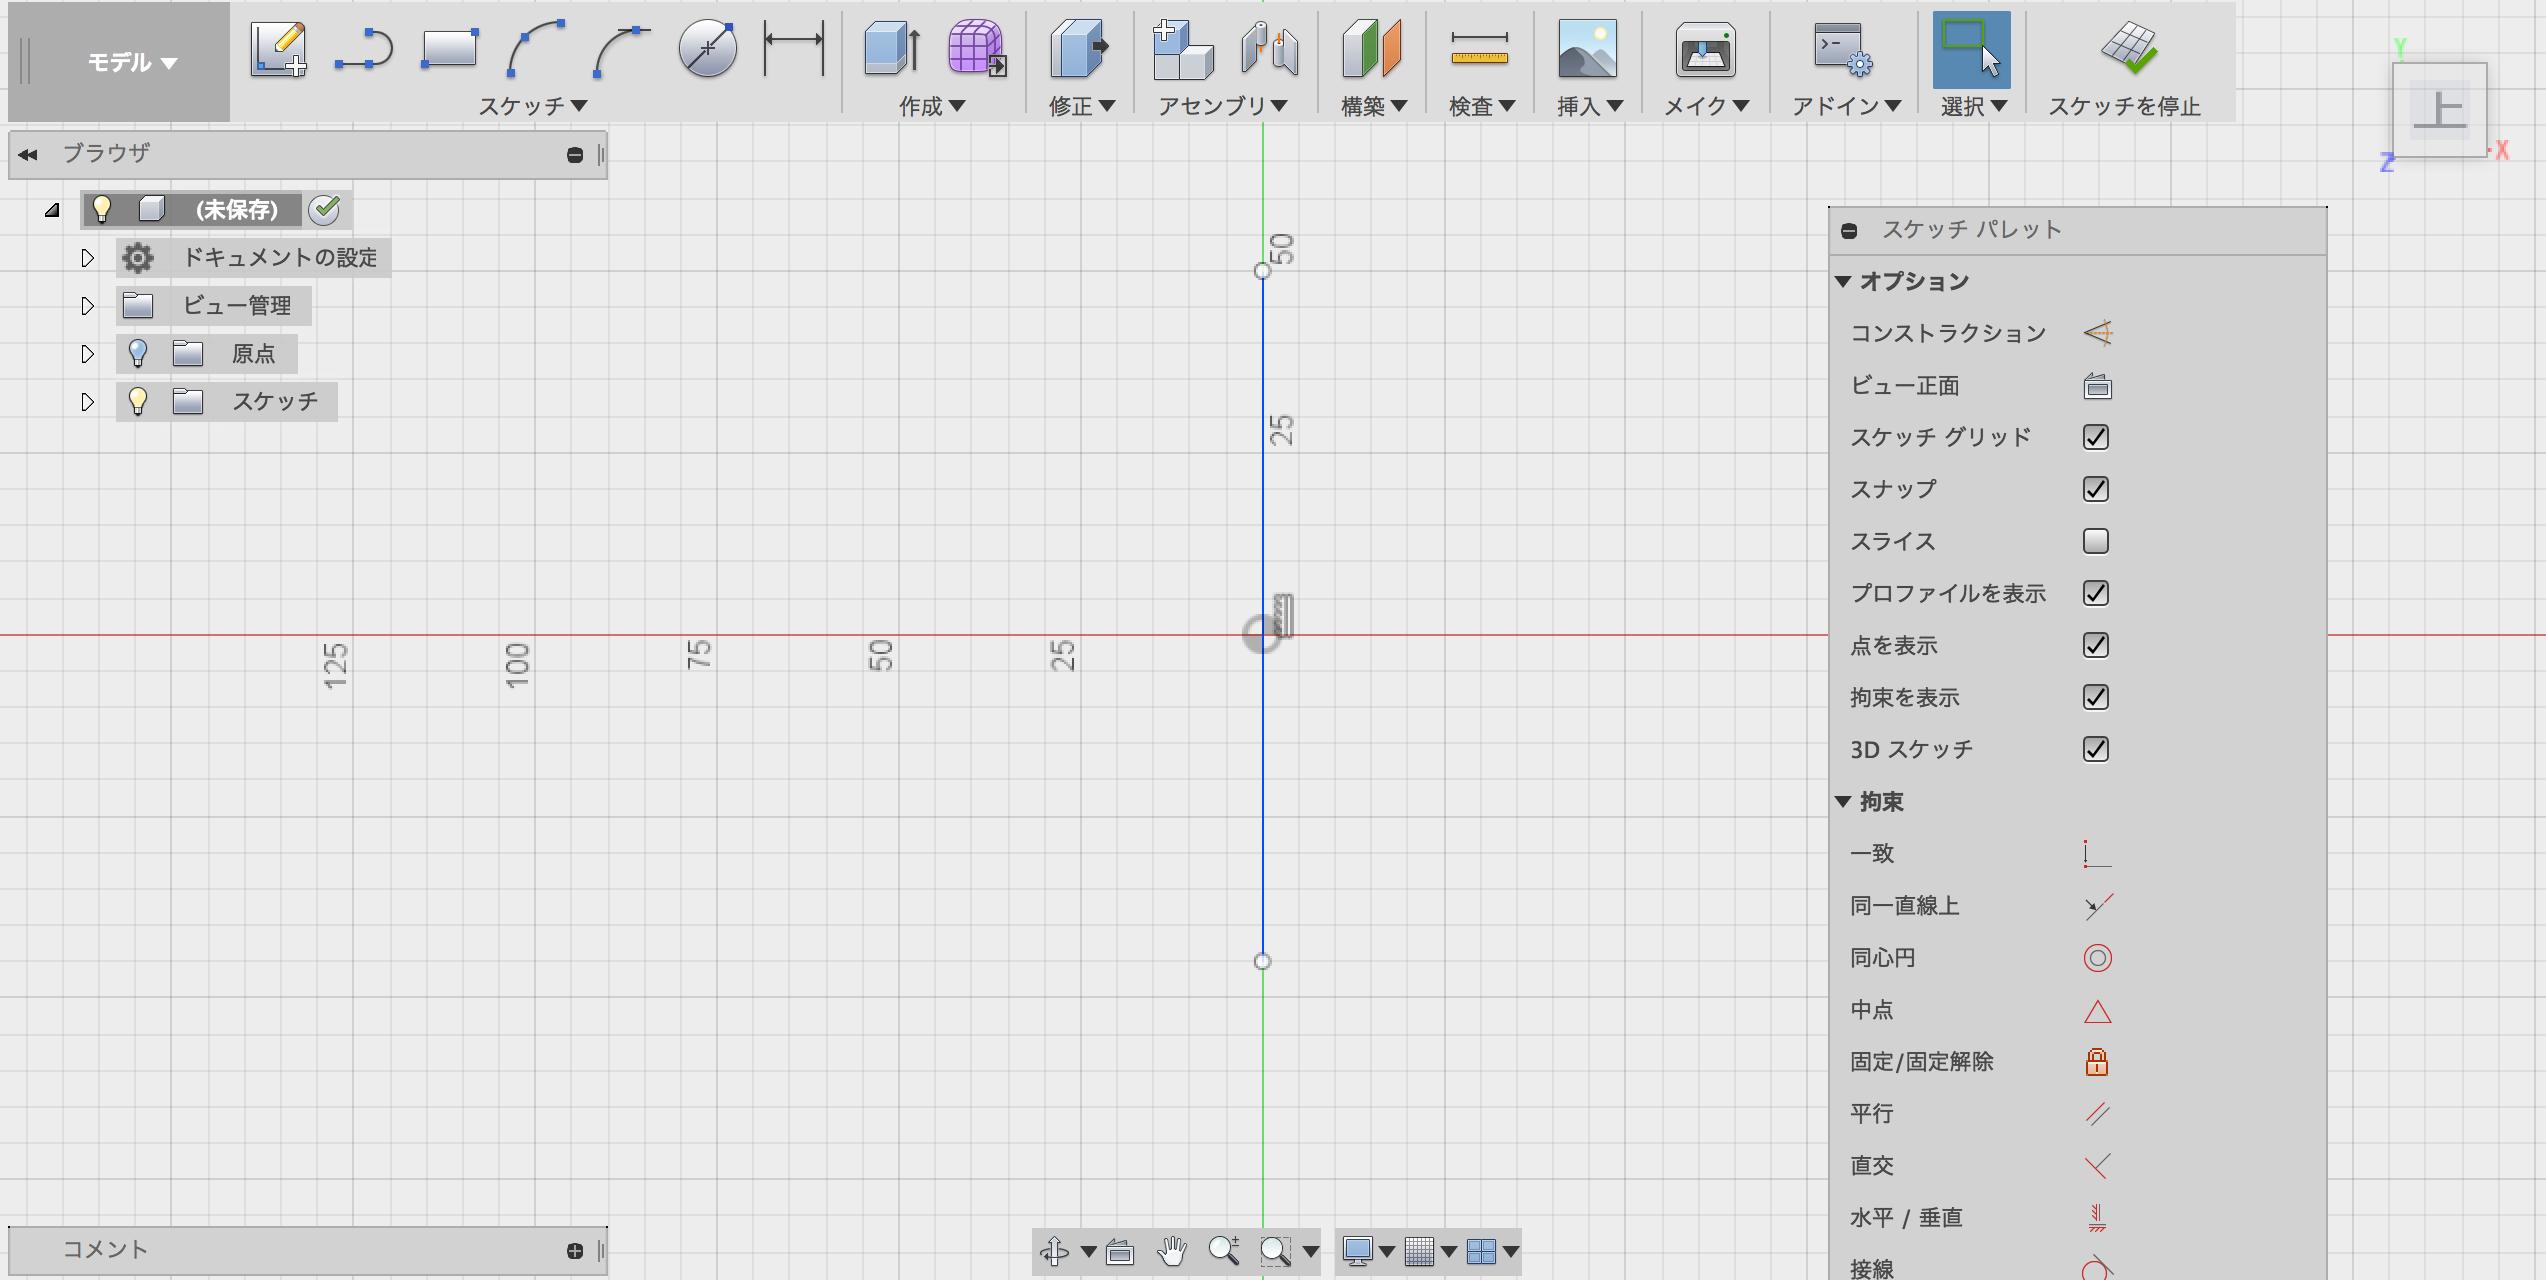 原点を通る「線分」を描く